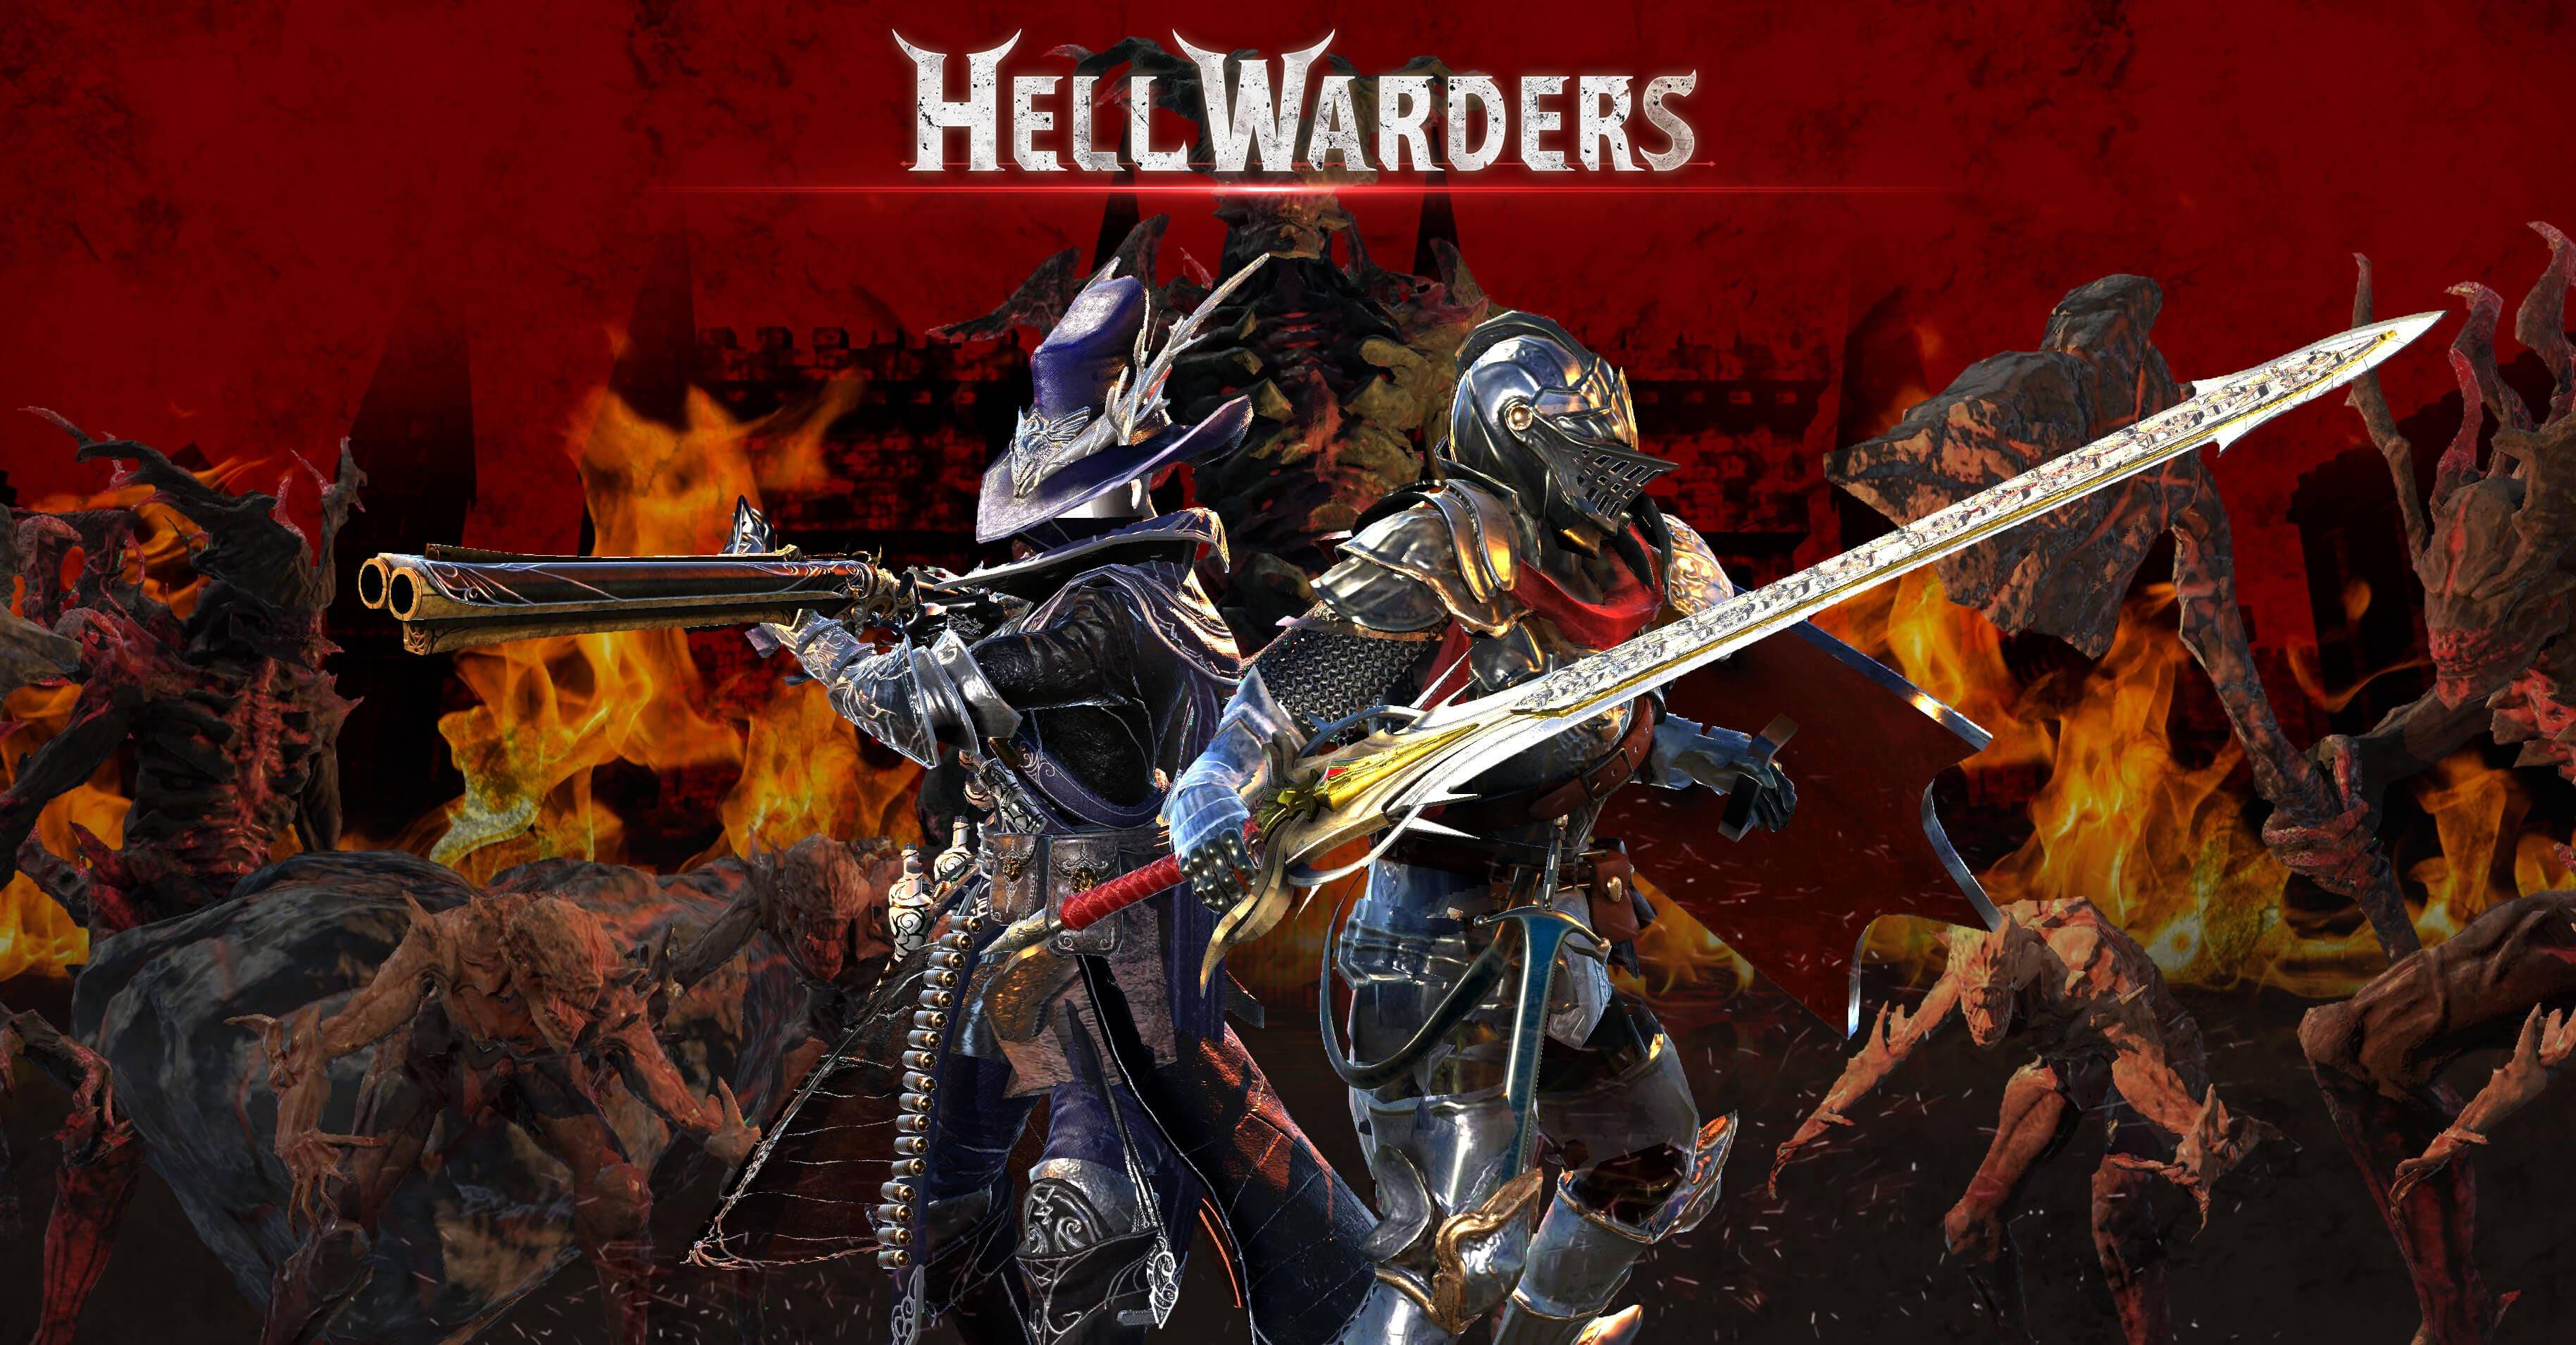 煉獄圍城, Hell Warders, PS4, Nintendo Switch, Anti Gravity Game, GSE,